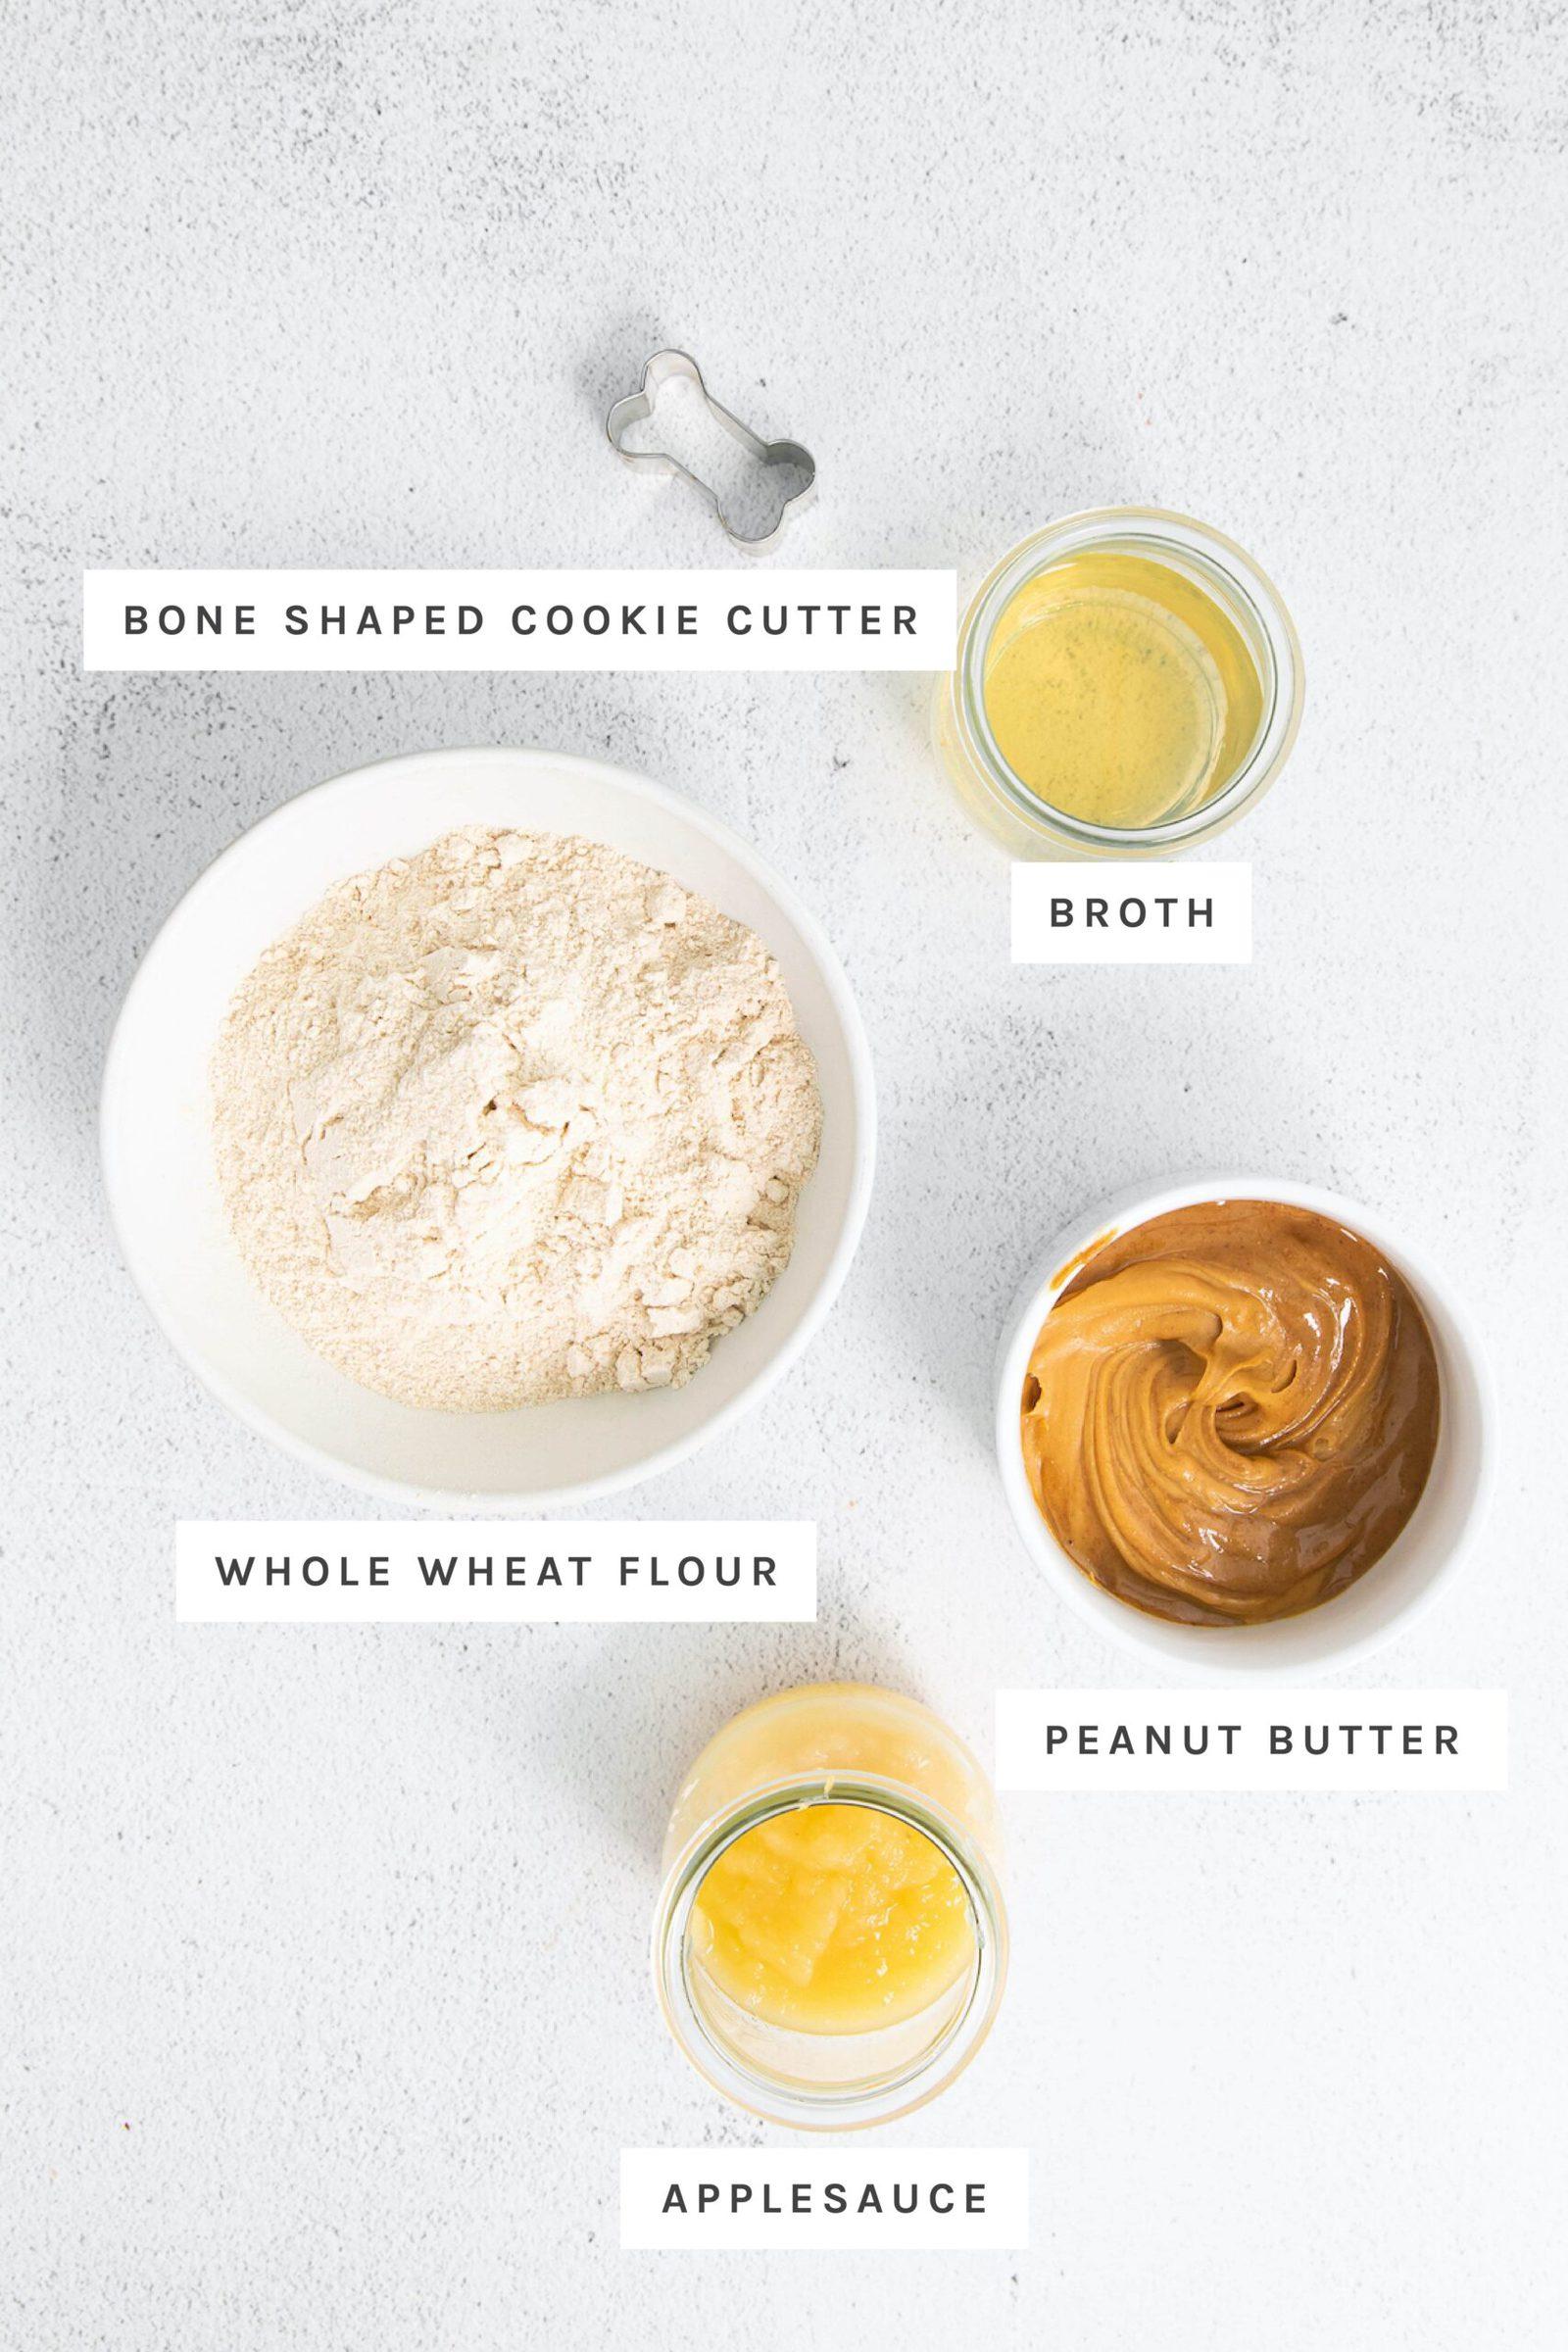 قطاعة البسكويت والمرق ودقيق القمح وزبدة الفول السوداني وعصير التفاح تقاس في أوعية.